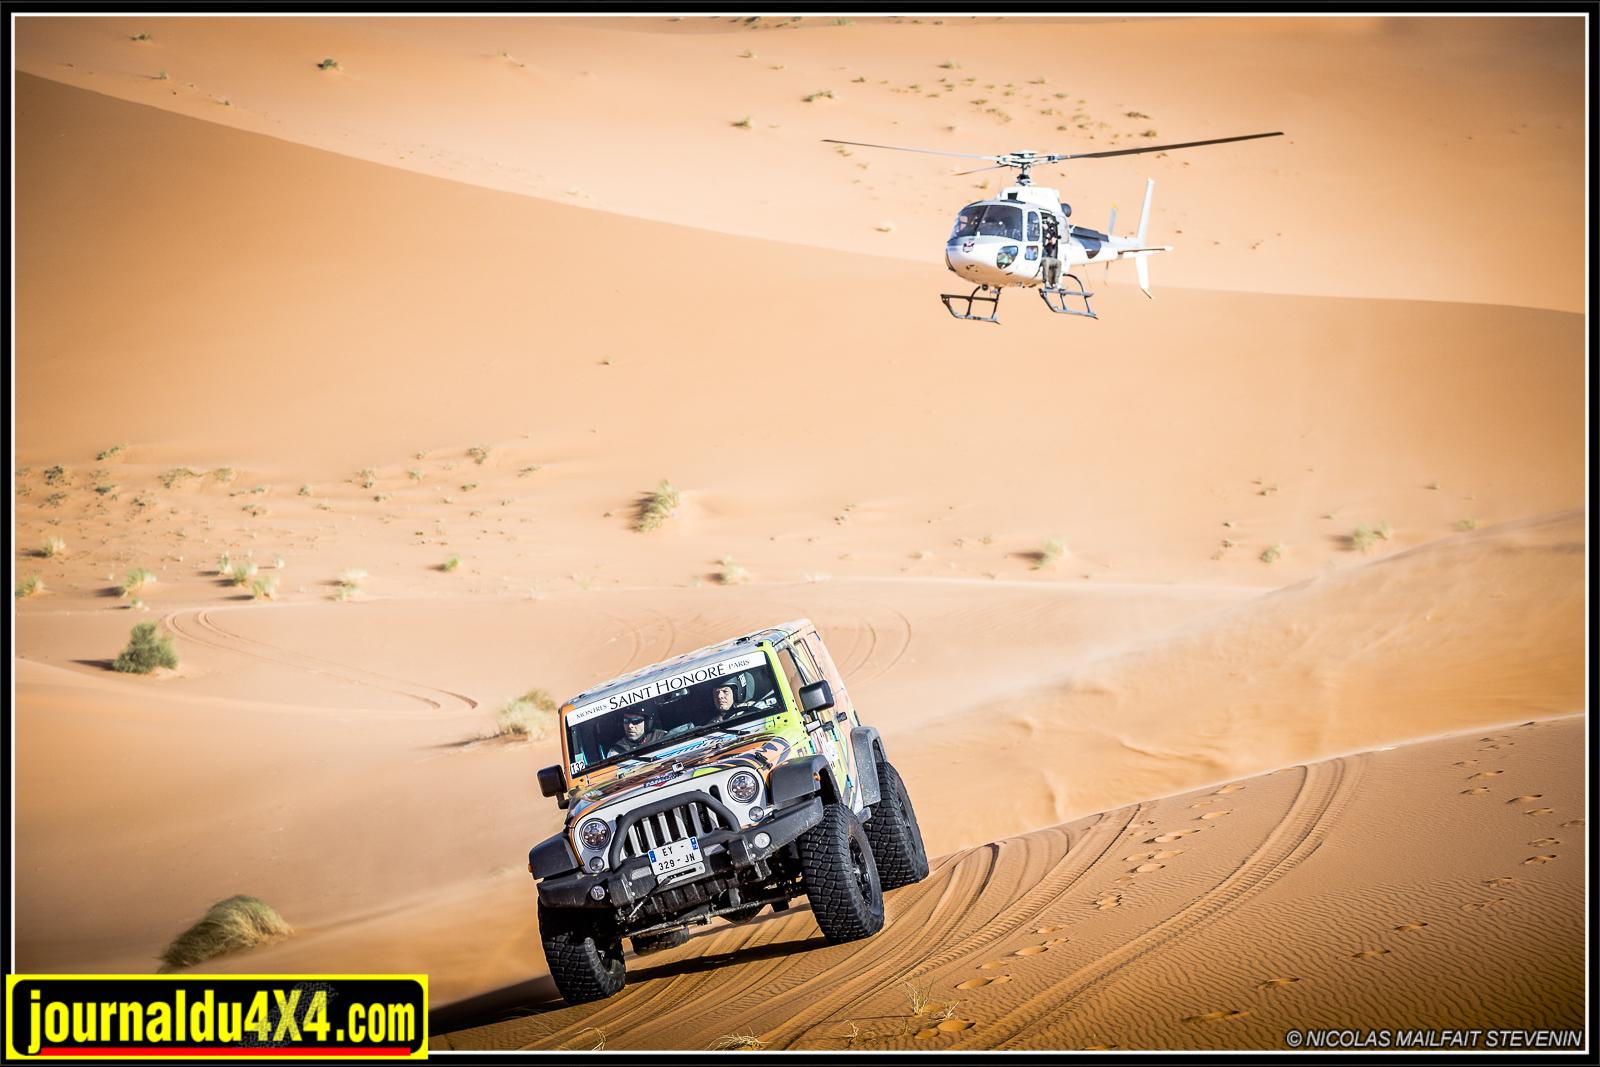 La sécurité étant primordiale, sur le Gazellesz And Men, un hélicoptère médicalisé est présent.